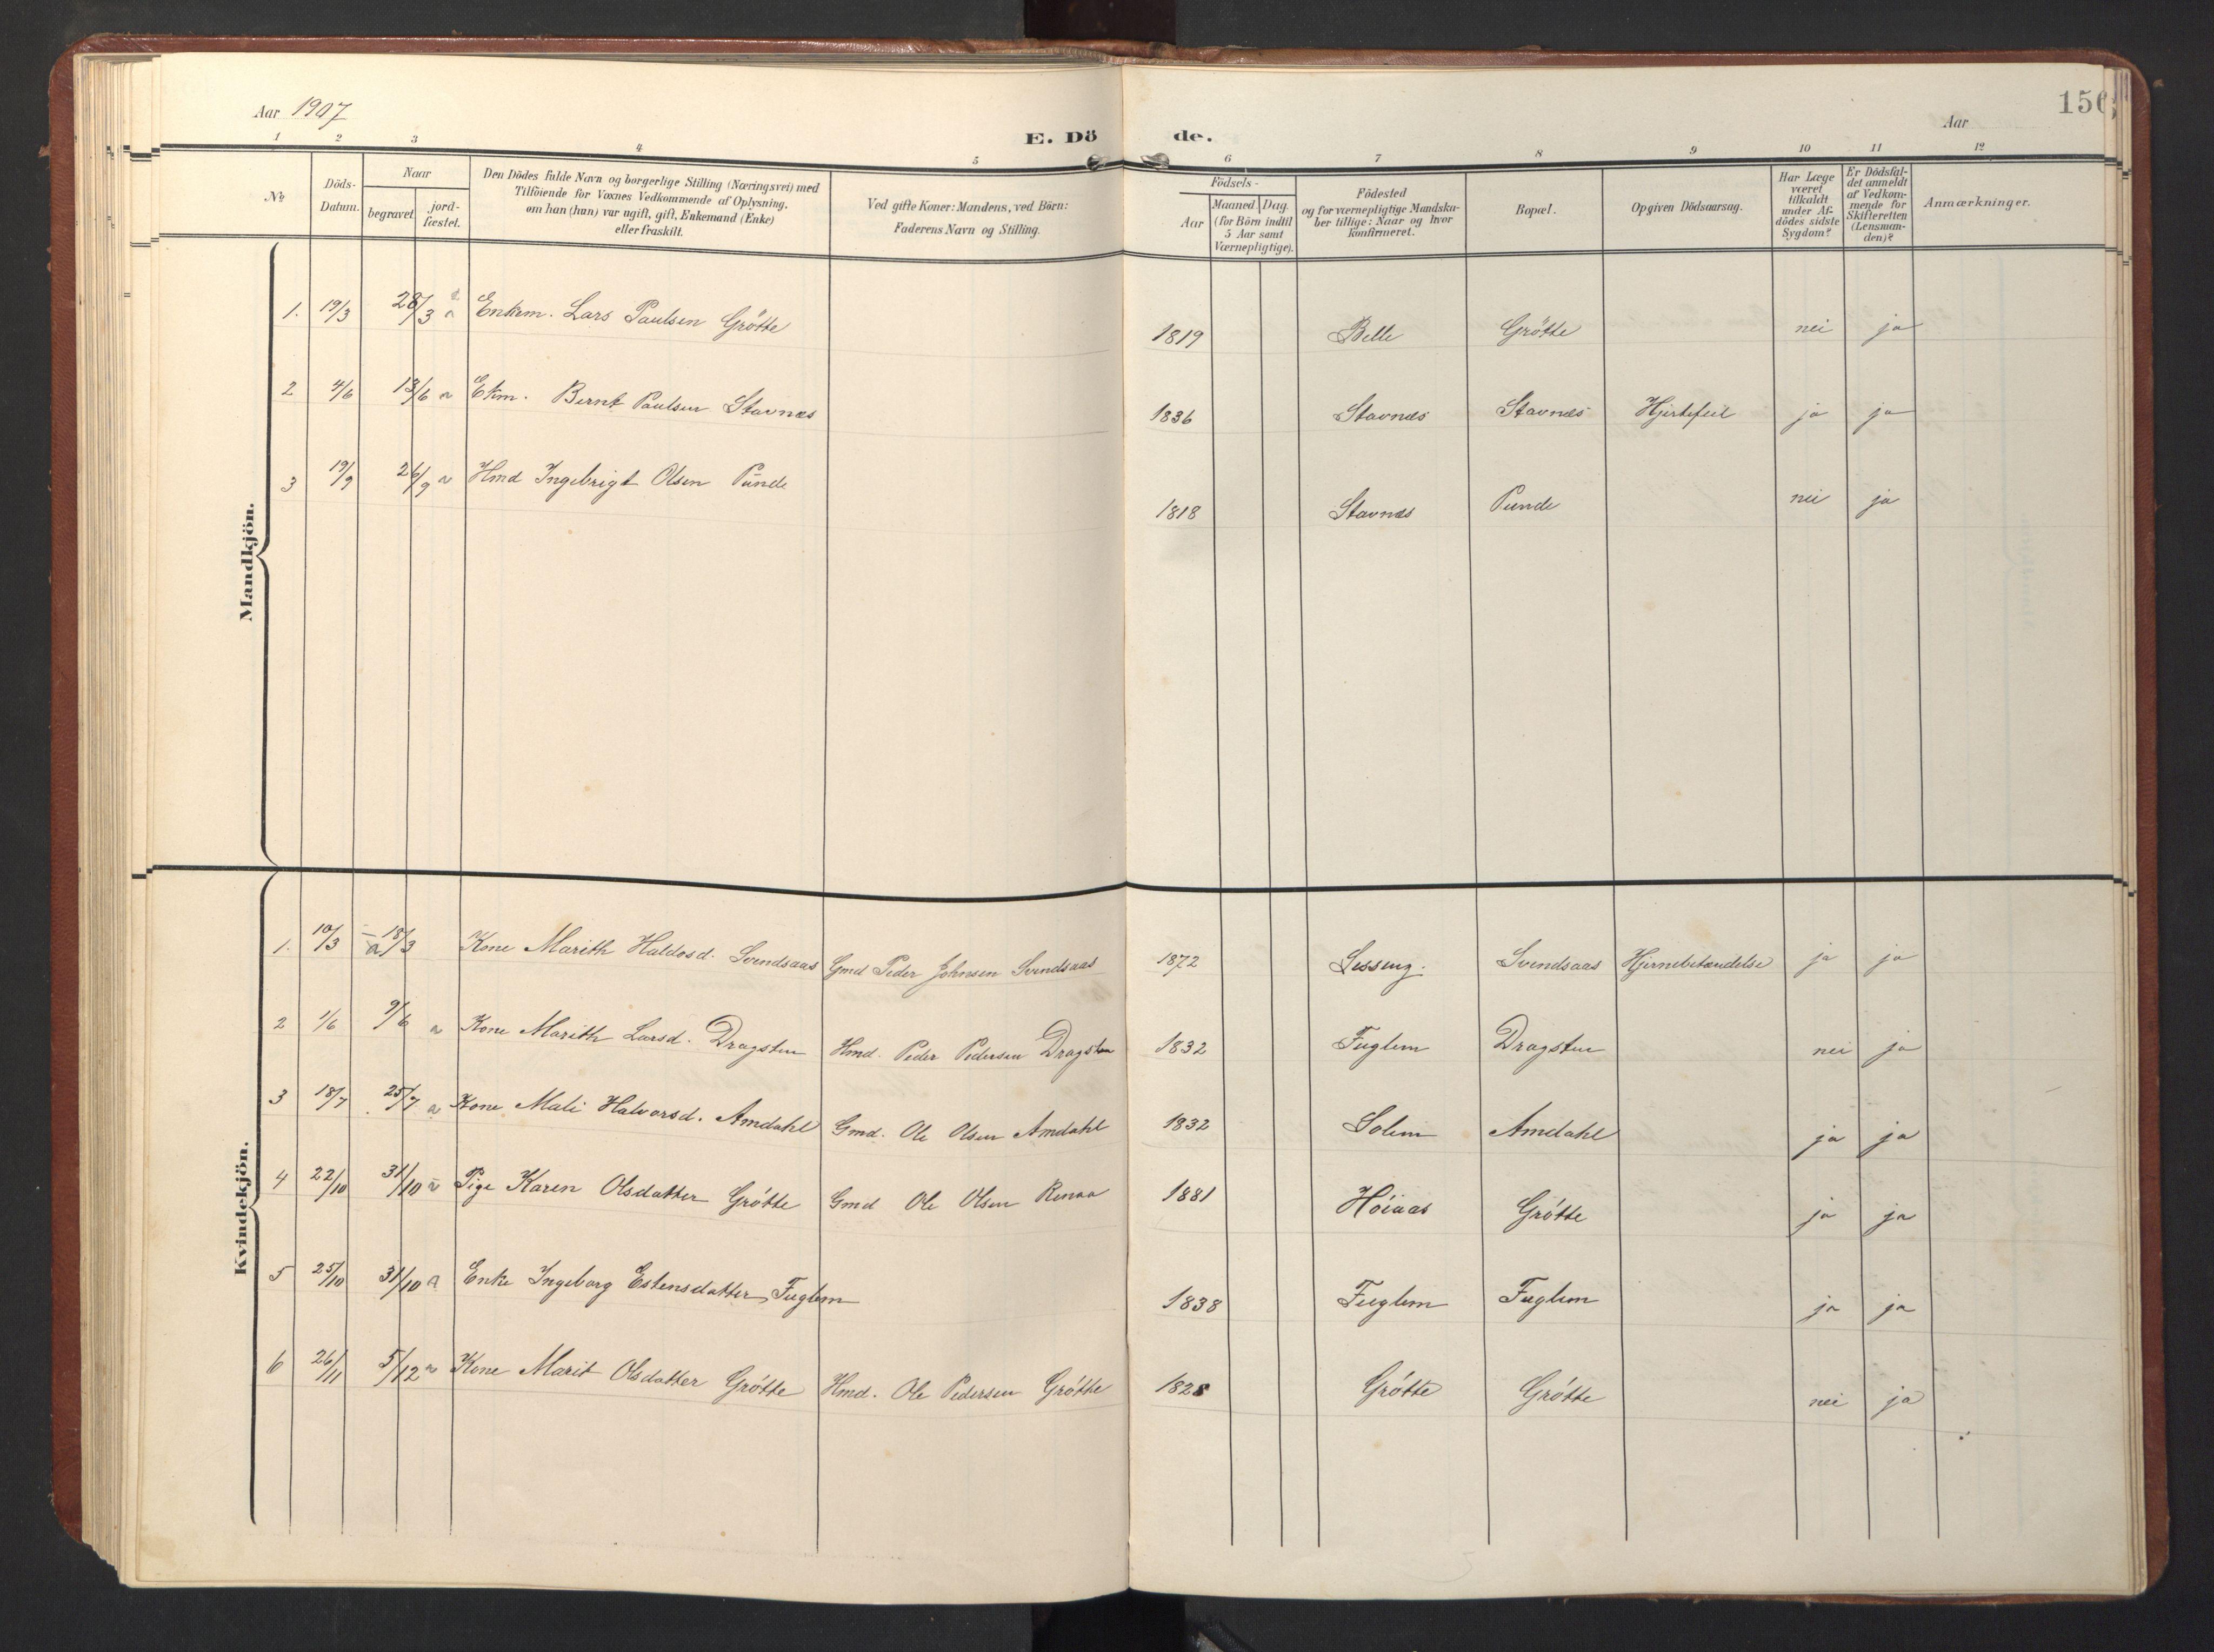 SAT, Ministerialprotokoller, klokkerbøker og fødselsregistre - Sør-Trøndelag, 696/L1161: Klokkerbok nr. 696C01, 1902-1950, s. 156